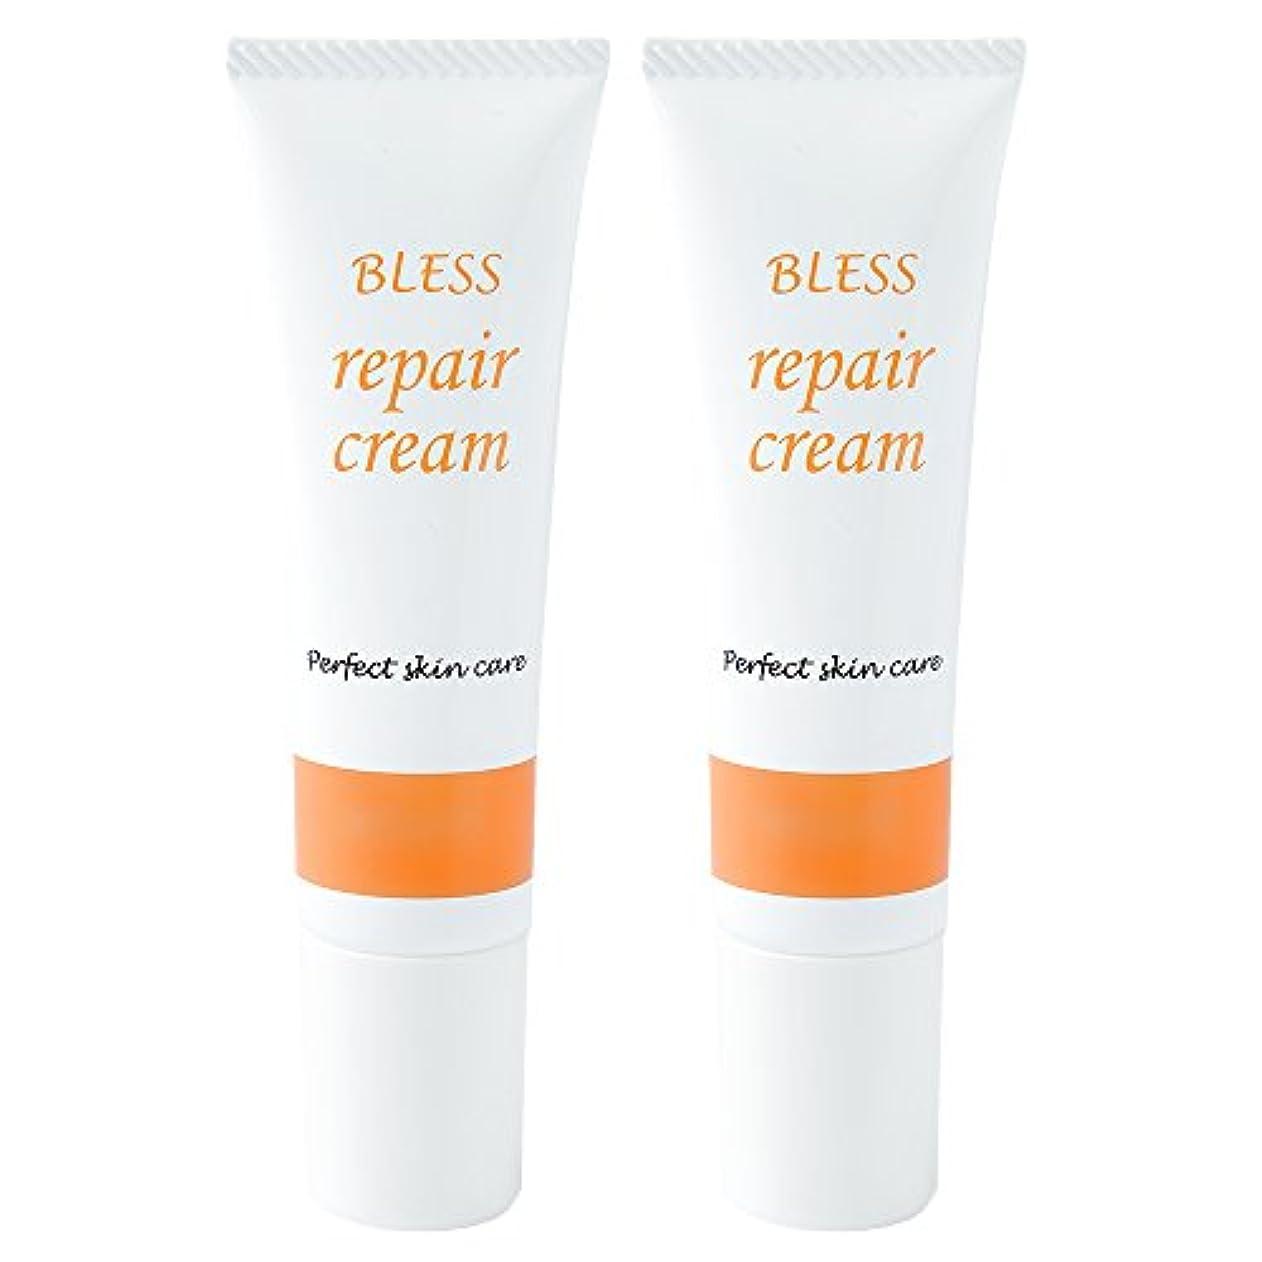 逆説植生ランプ【BLESS】 しわ 対策用 エイジング リペアクリーム 30g 2本 セット 無添加 抗シワ評価試験済み製品 日本製 美容液